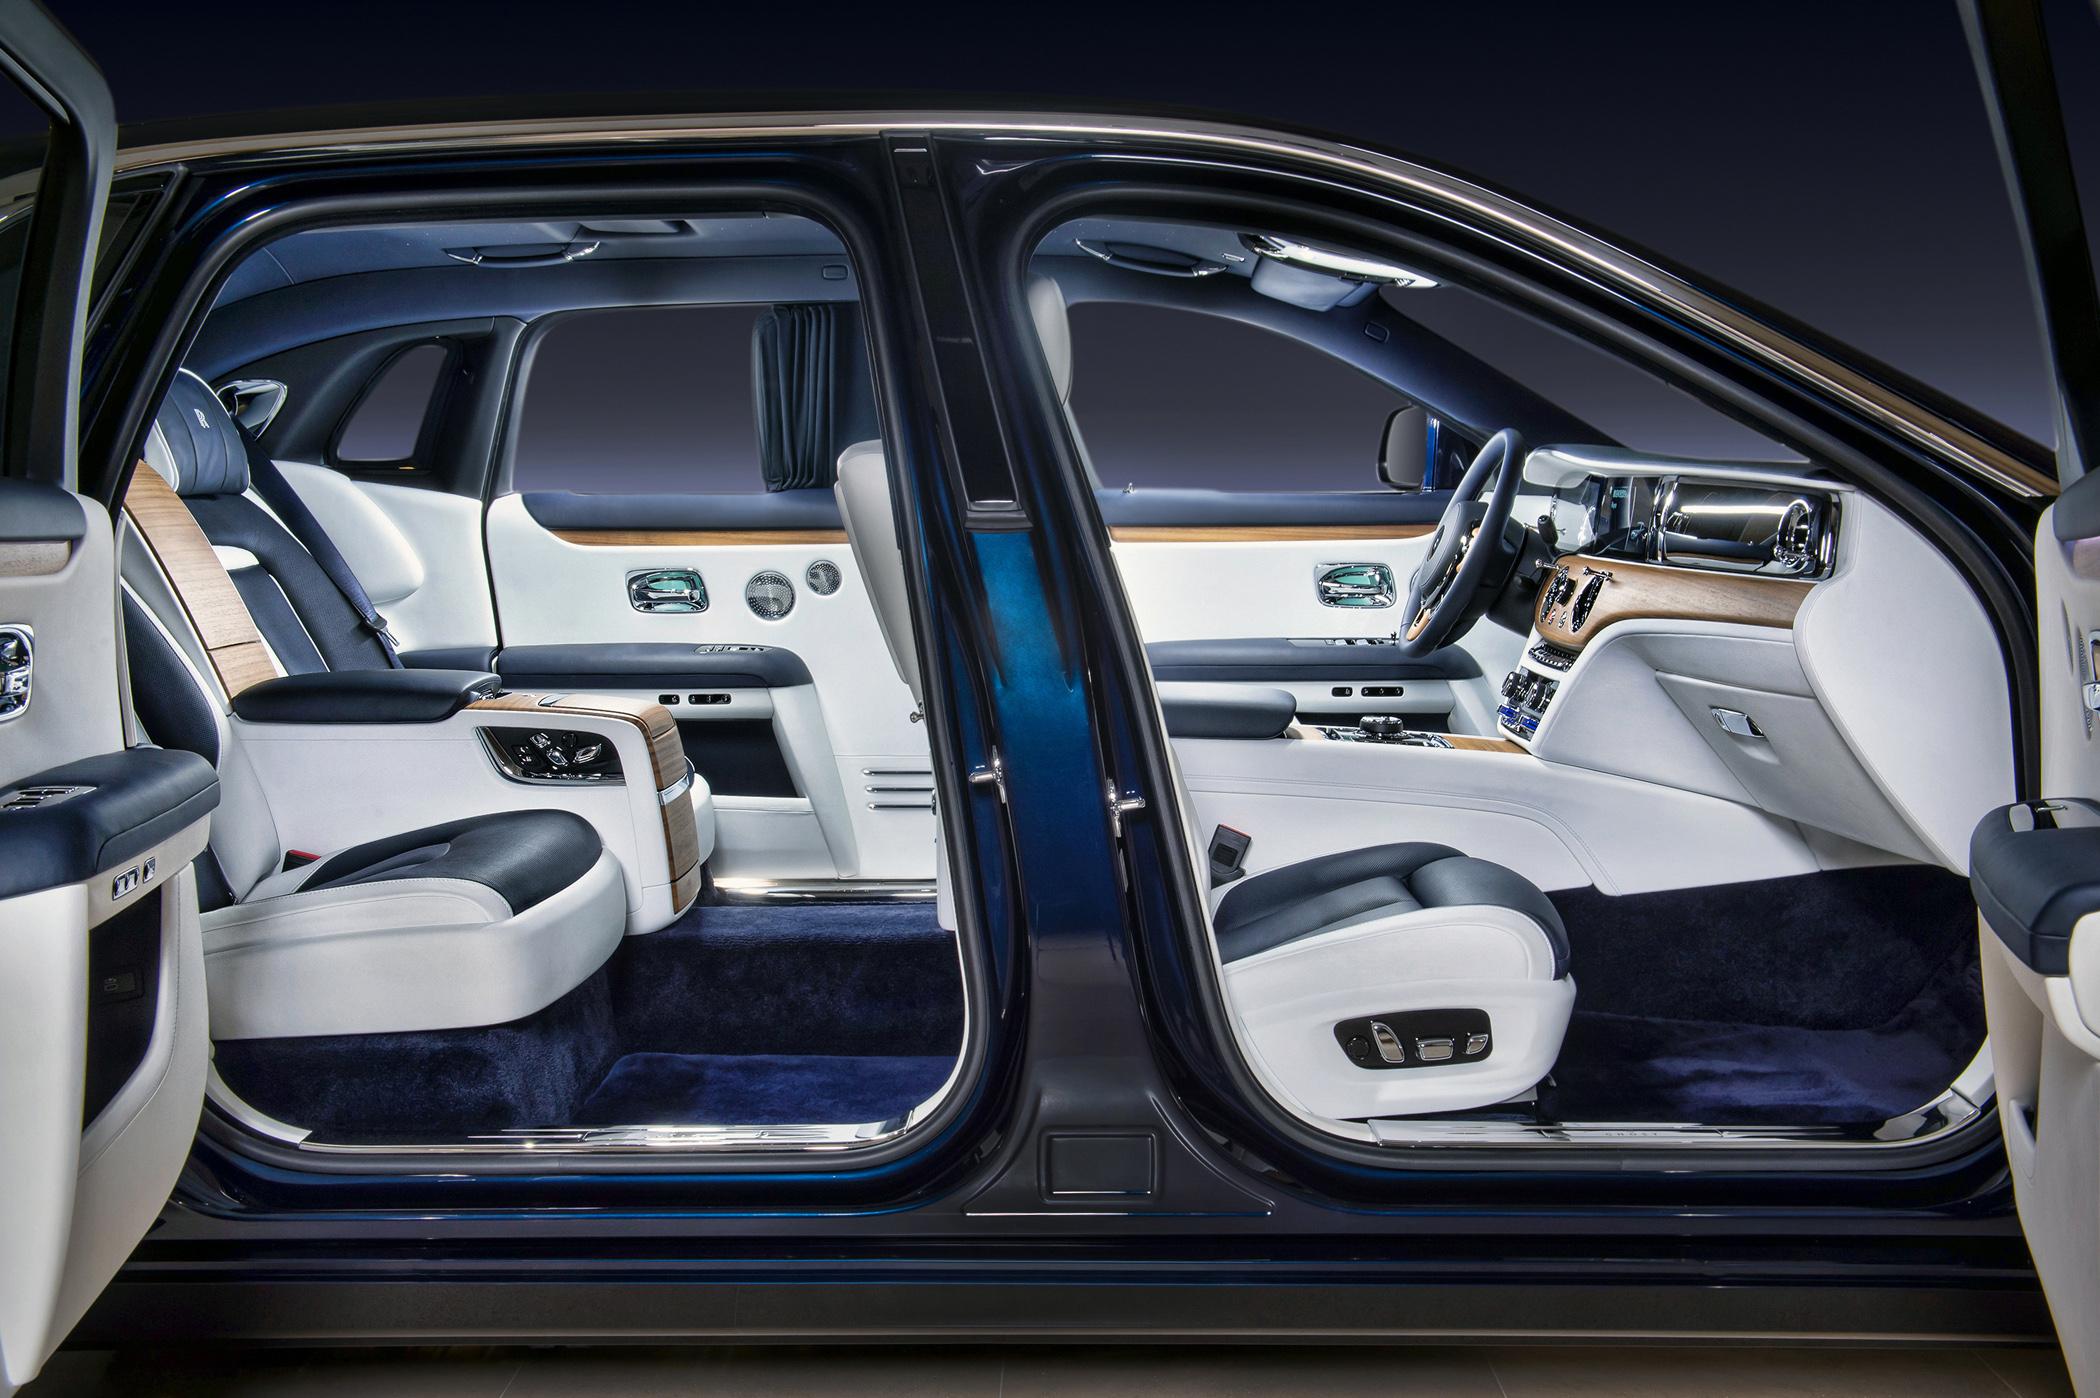 經典對開式車門設計,自動關閉與全新輔助開啟功能。